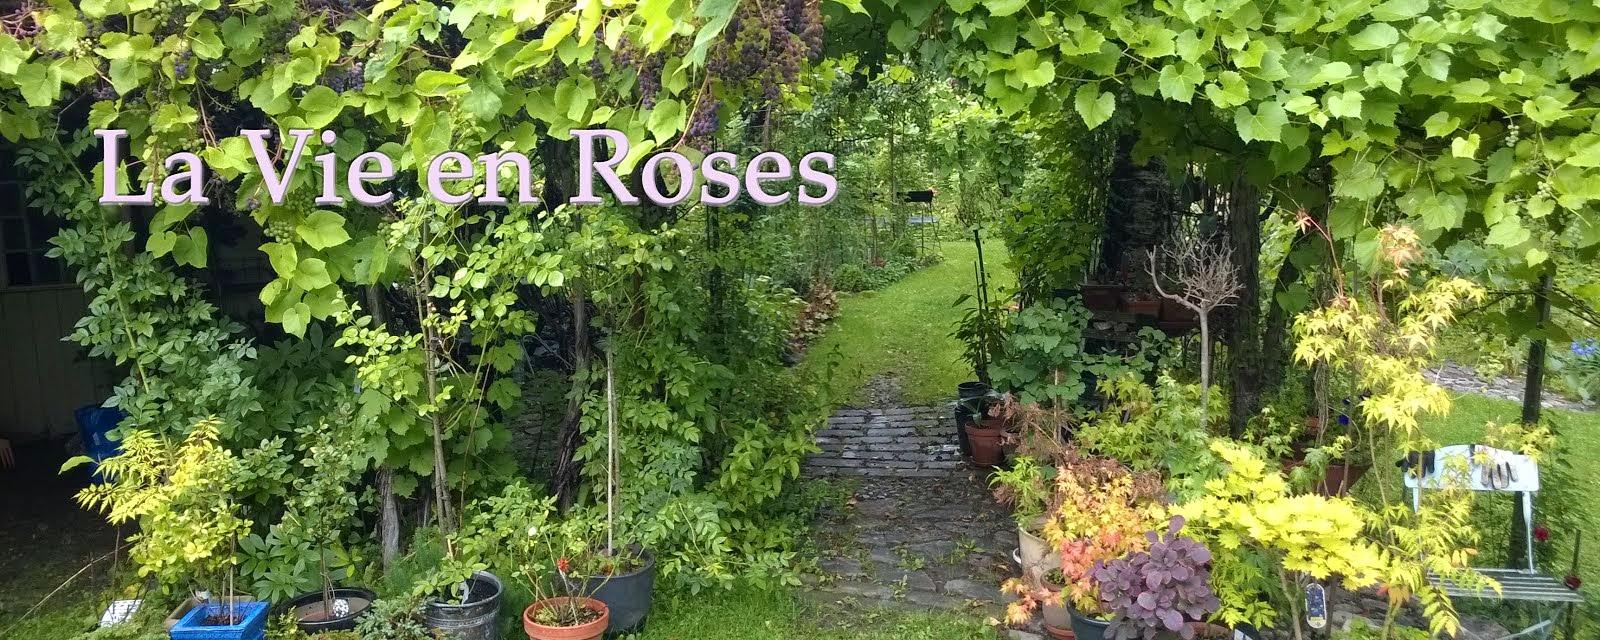 La Vien en Roses